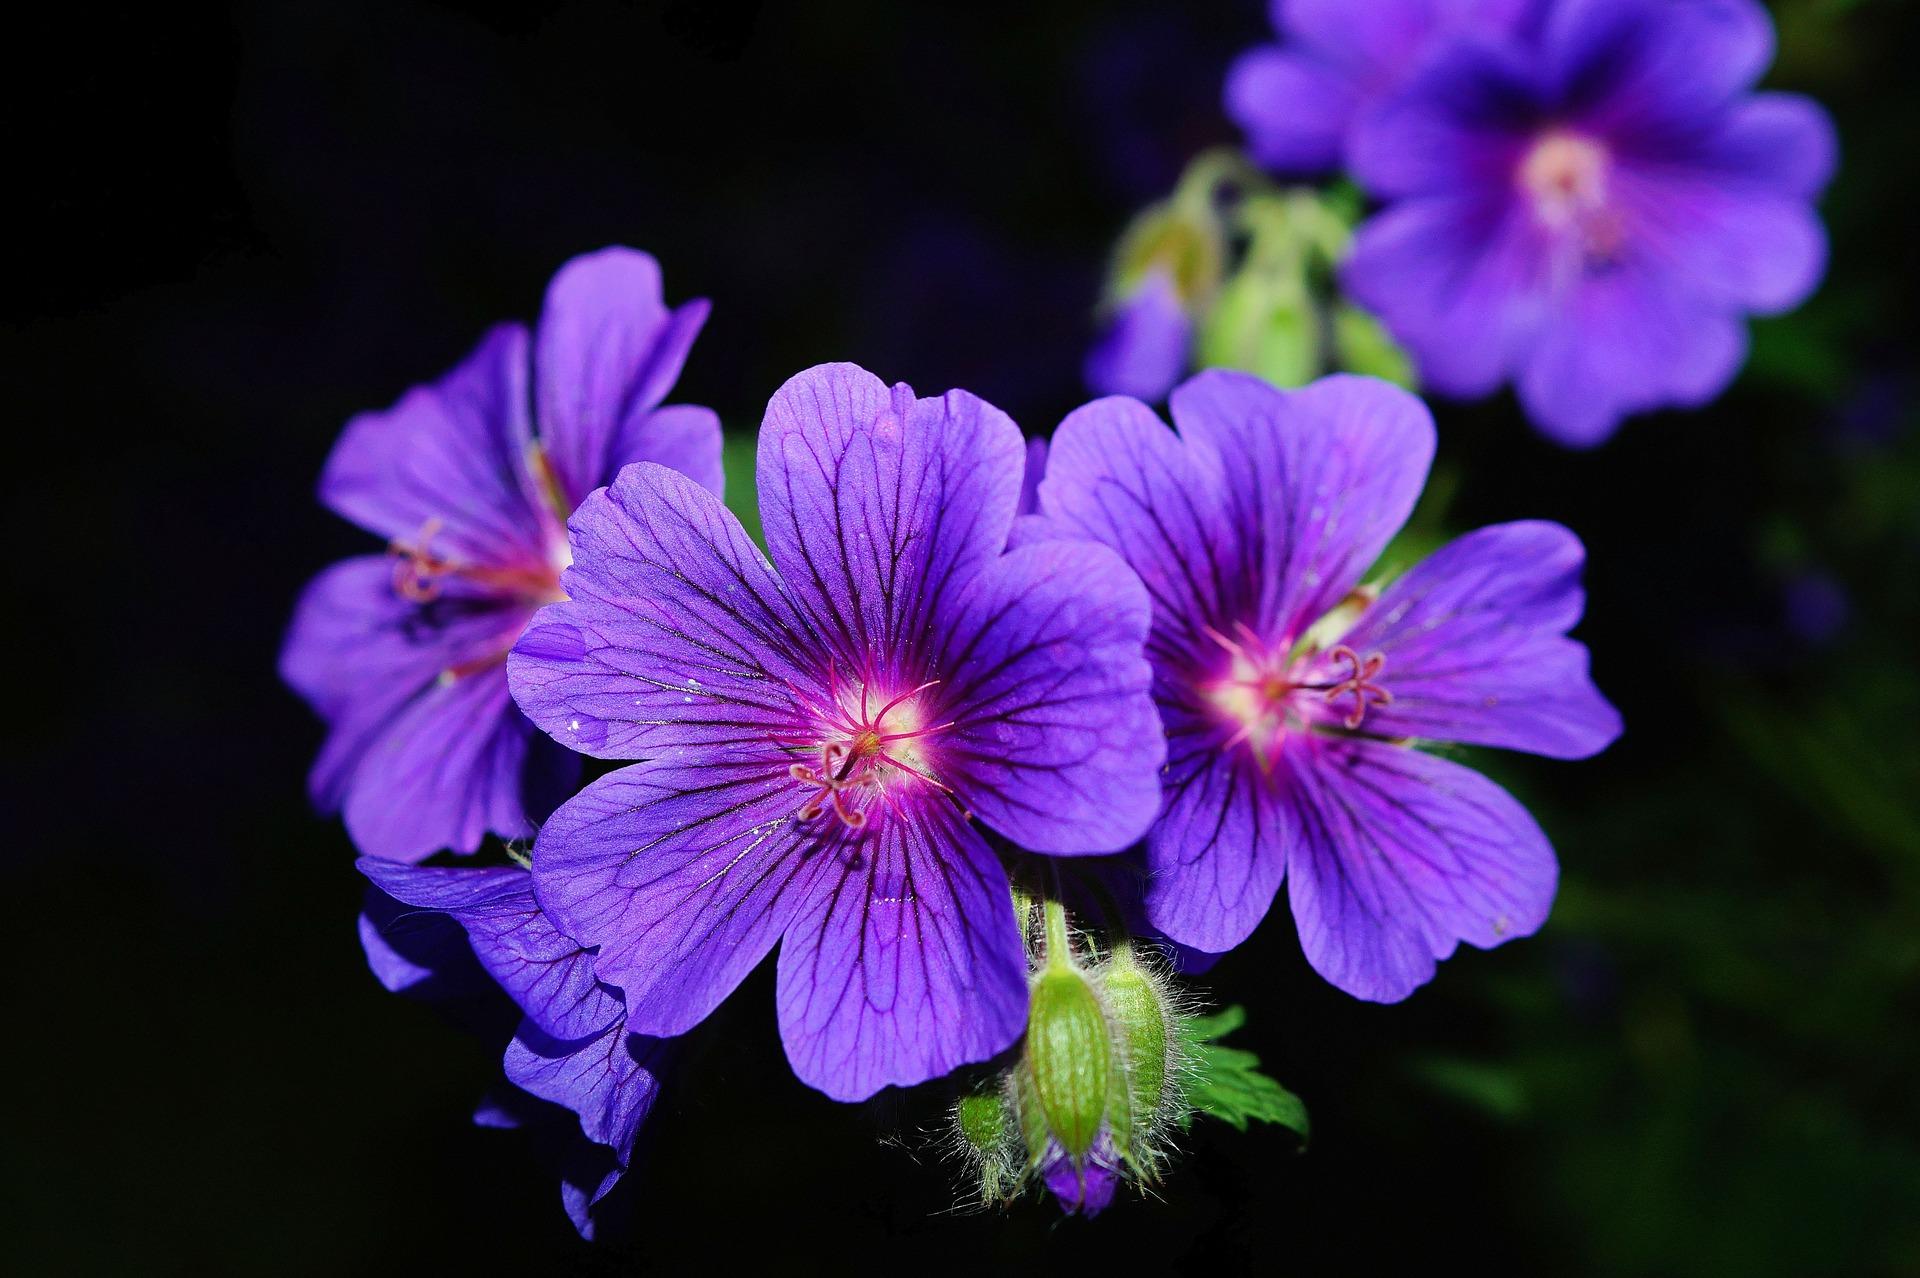 flower-356919_1920